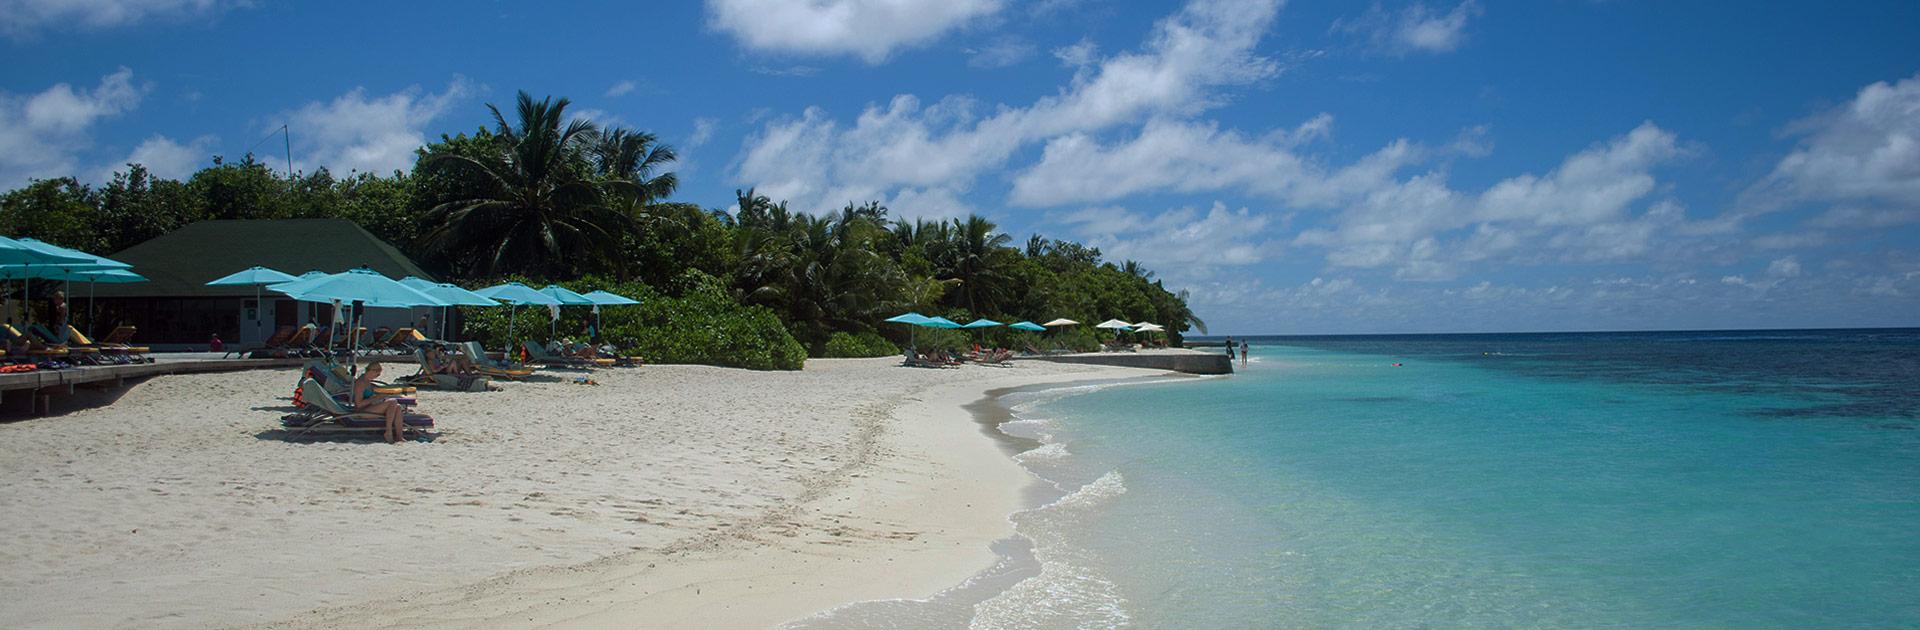 MV Oblu helengeli beach 01